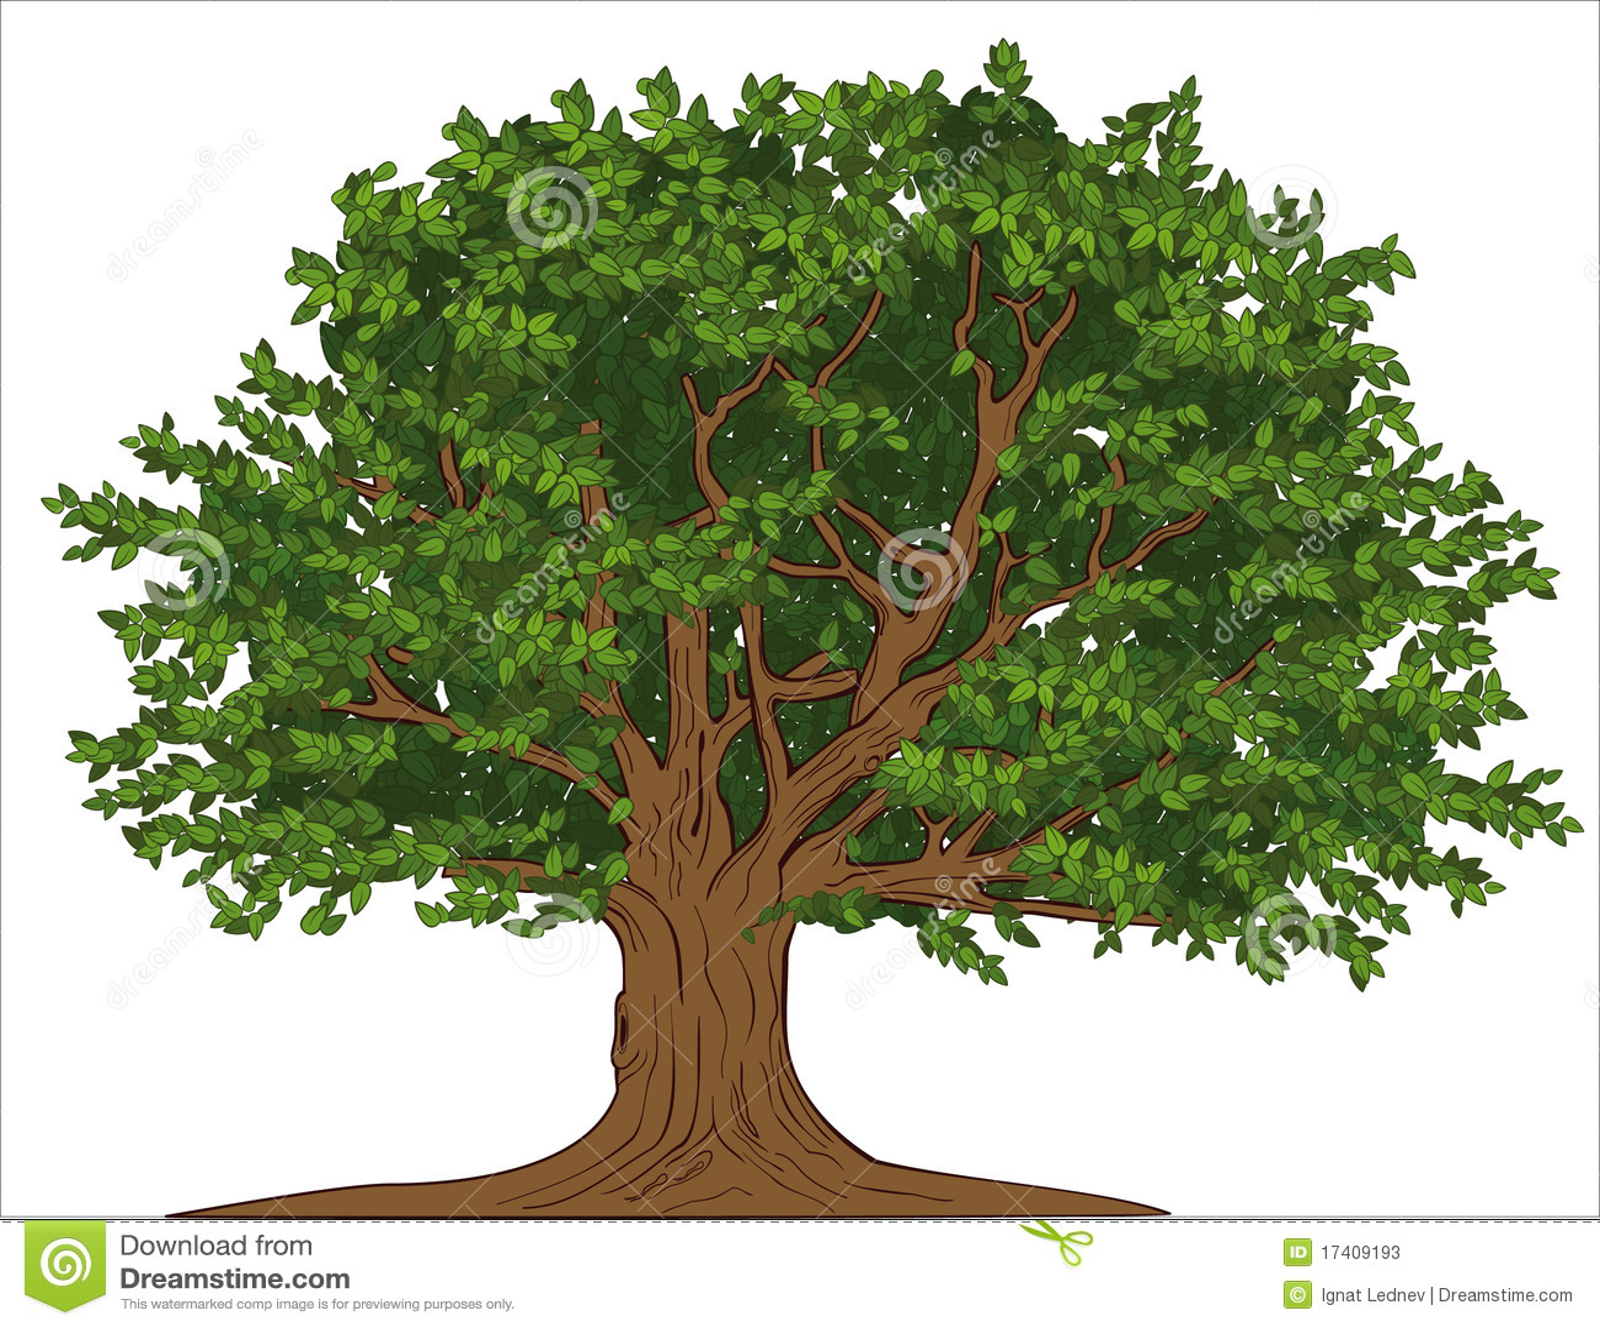 imágenes de árboles genealógicos para niños